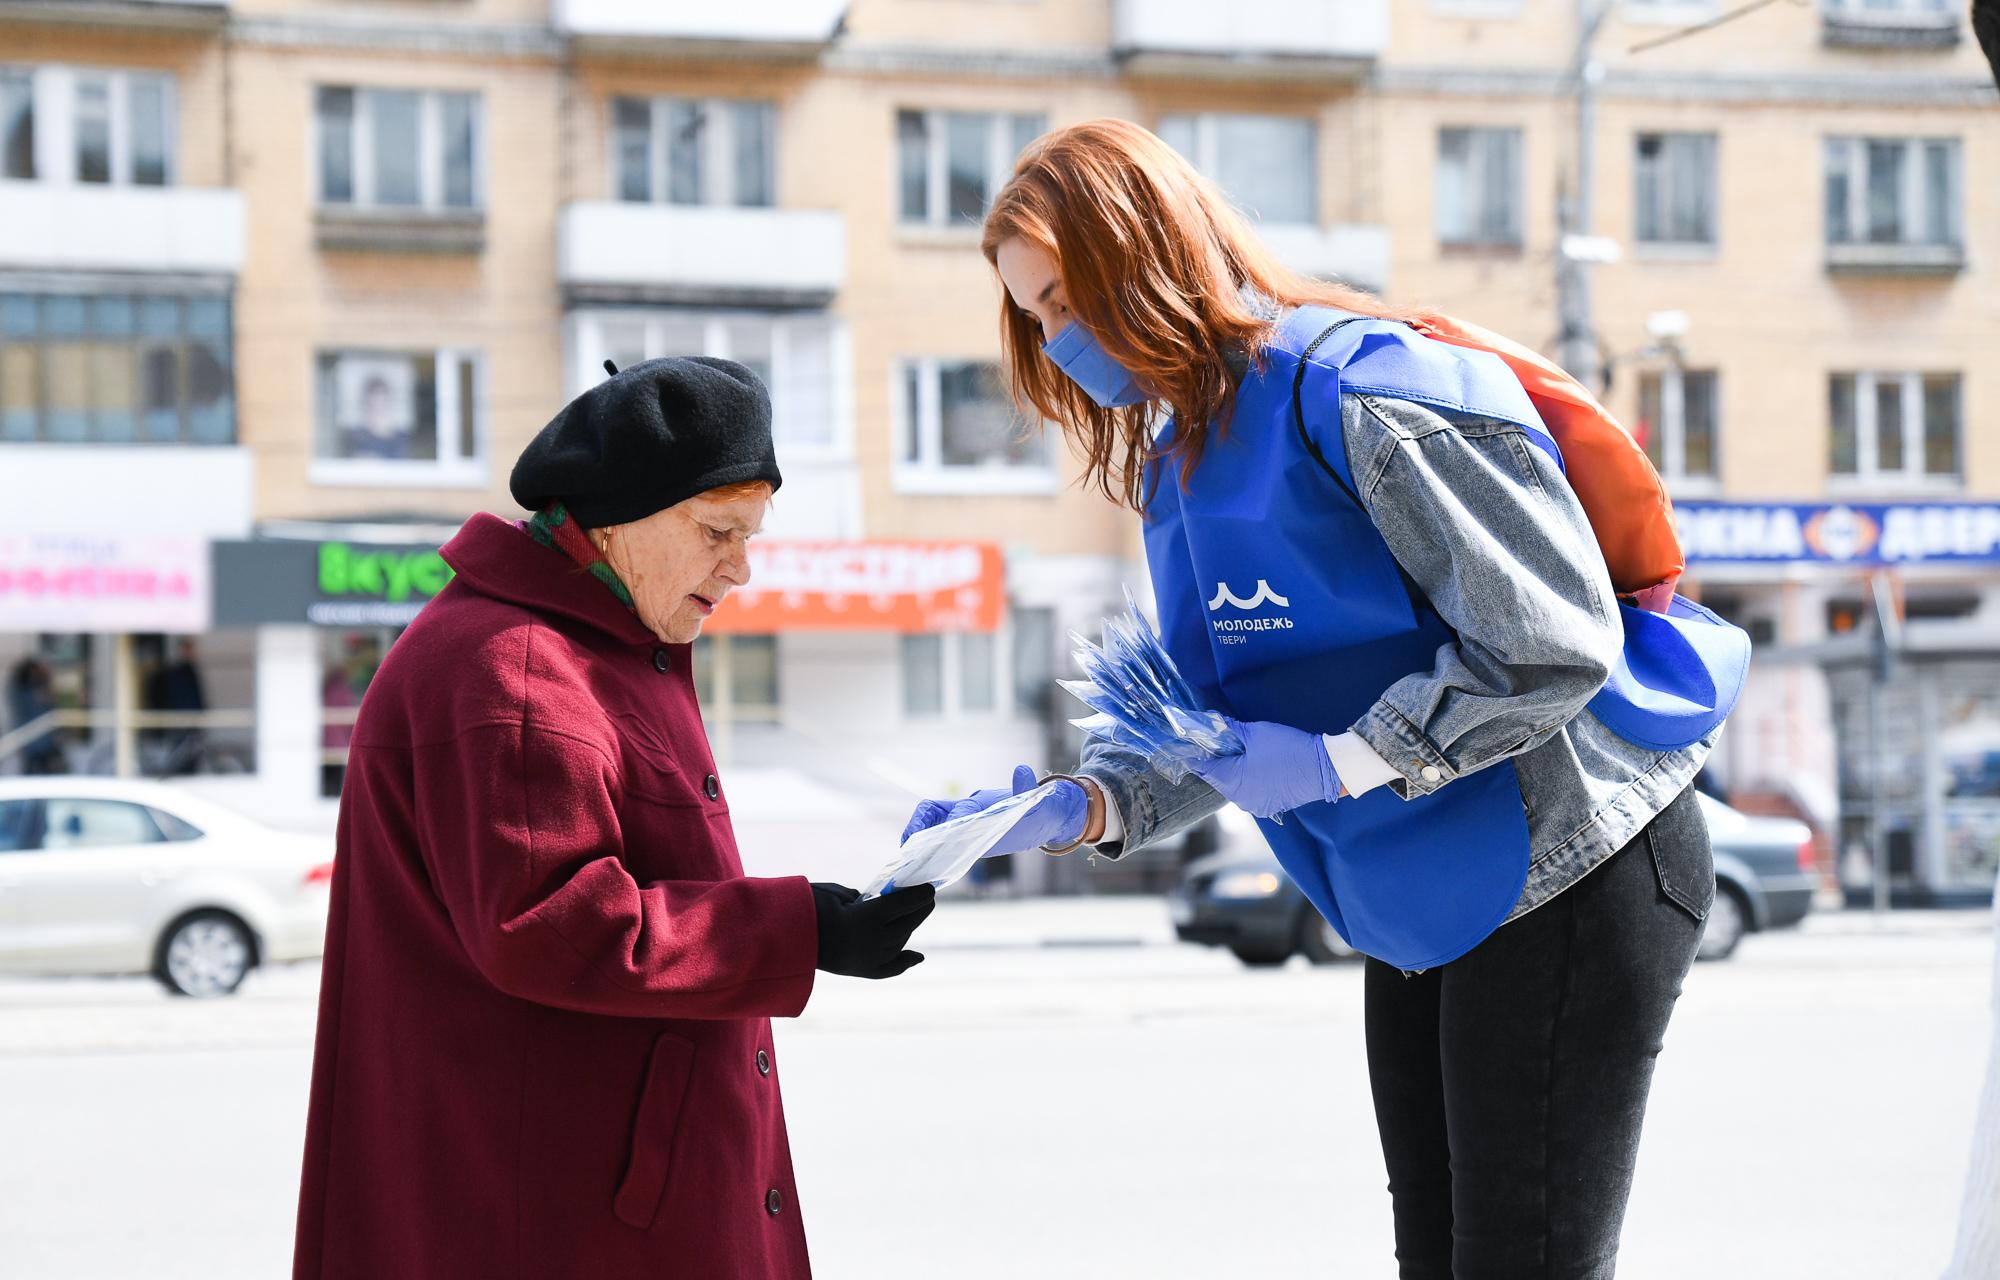 Тверские волонтеры раздали около 800 тысяч многоразовых масок